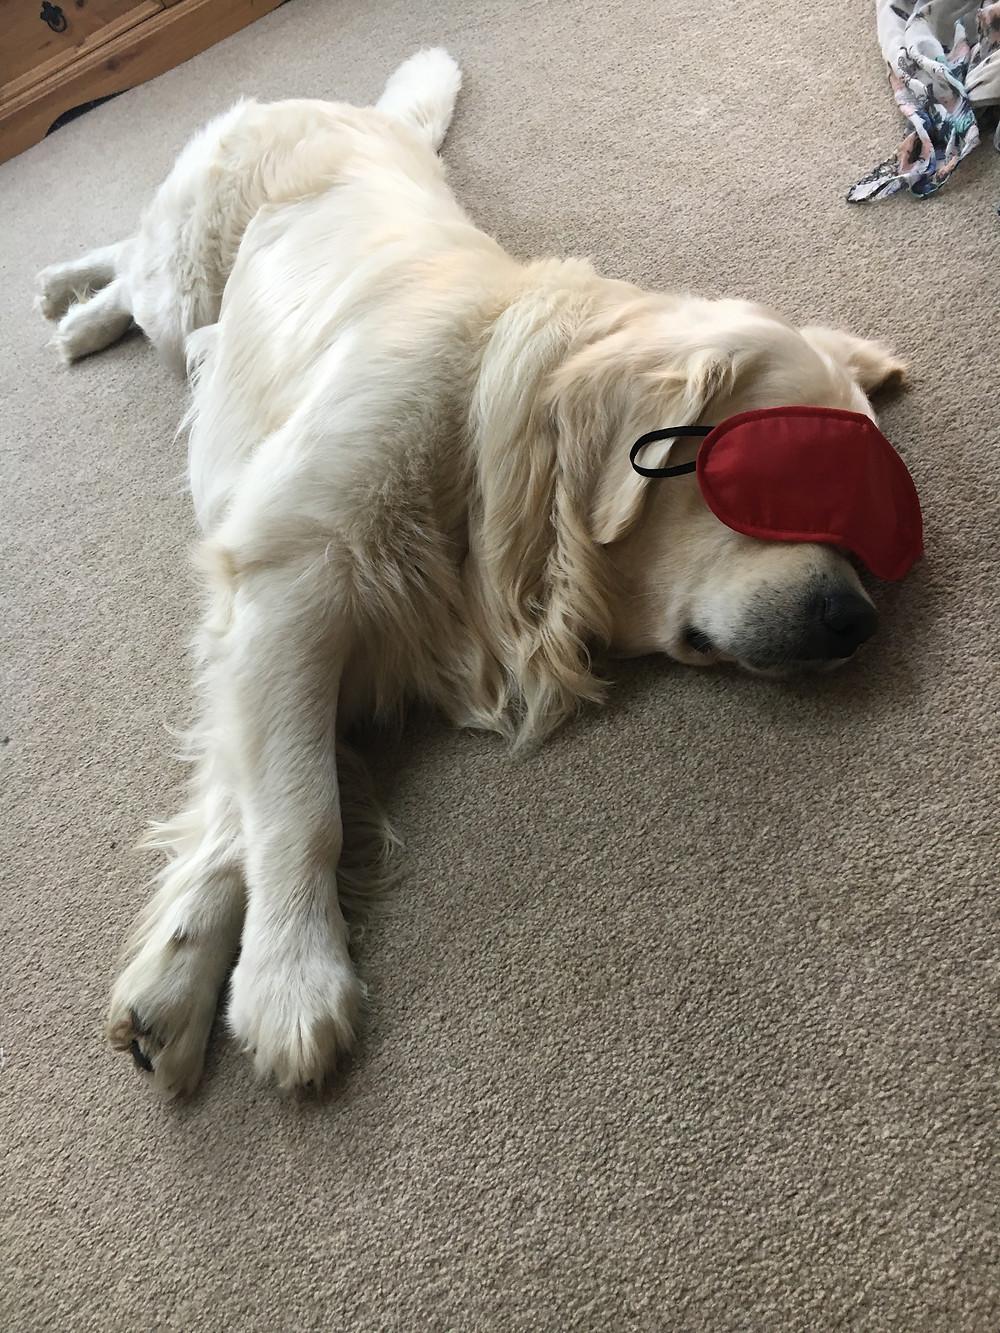 Bentley dog relaxing